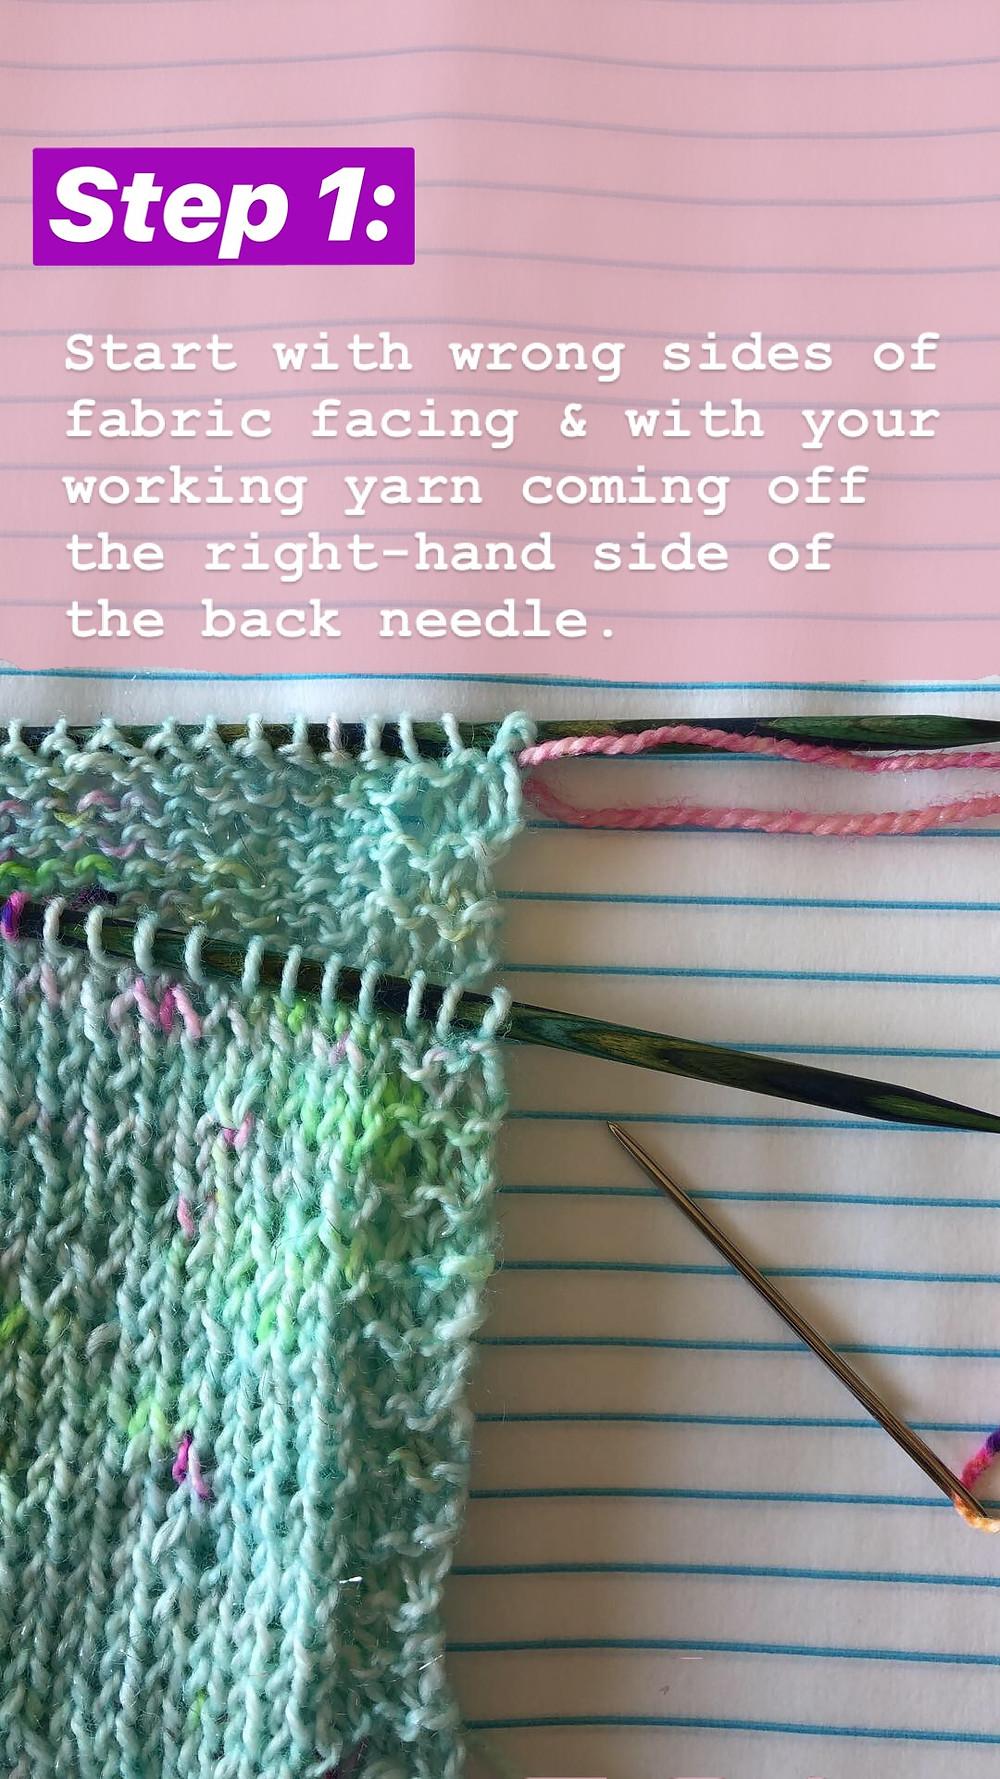 Easy Grafting / Kitchener Stitch Tutorial Step 1